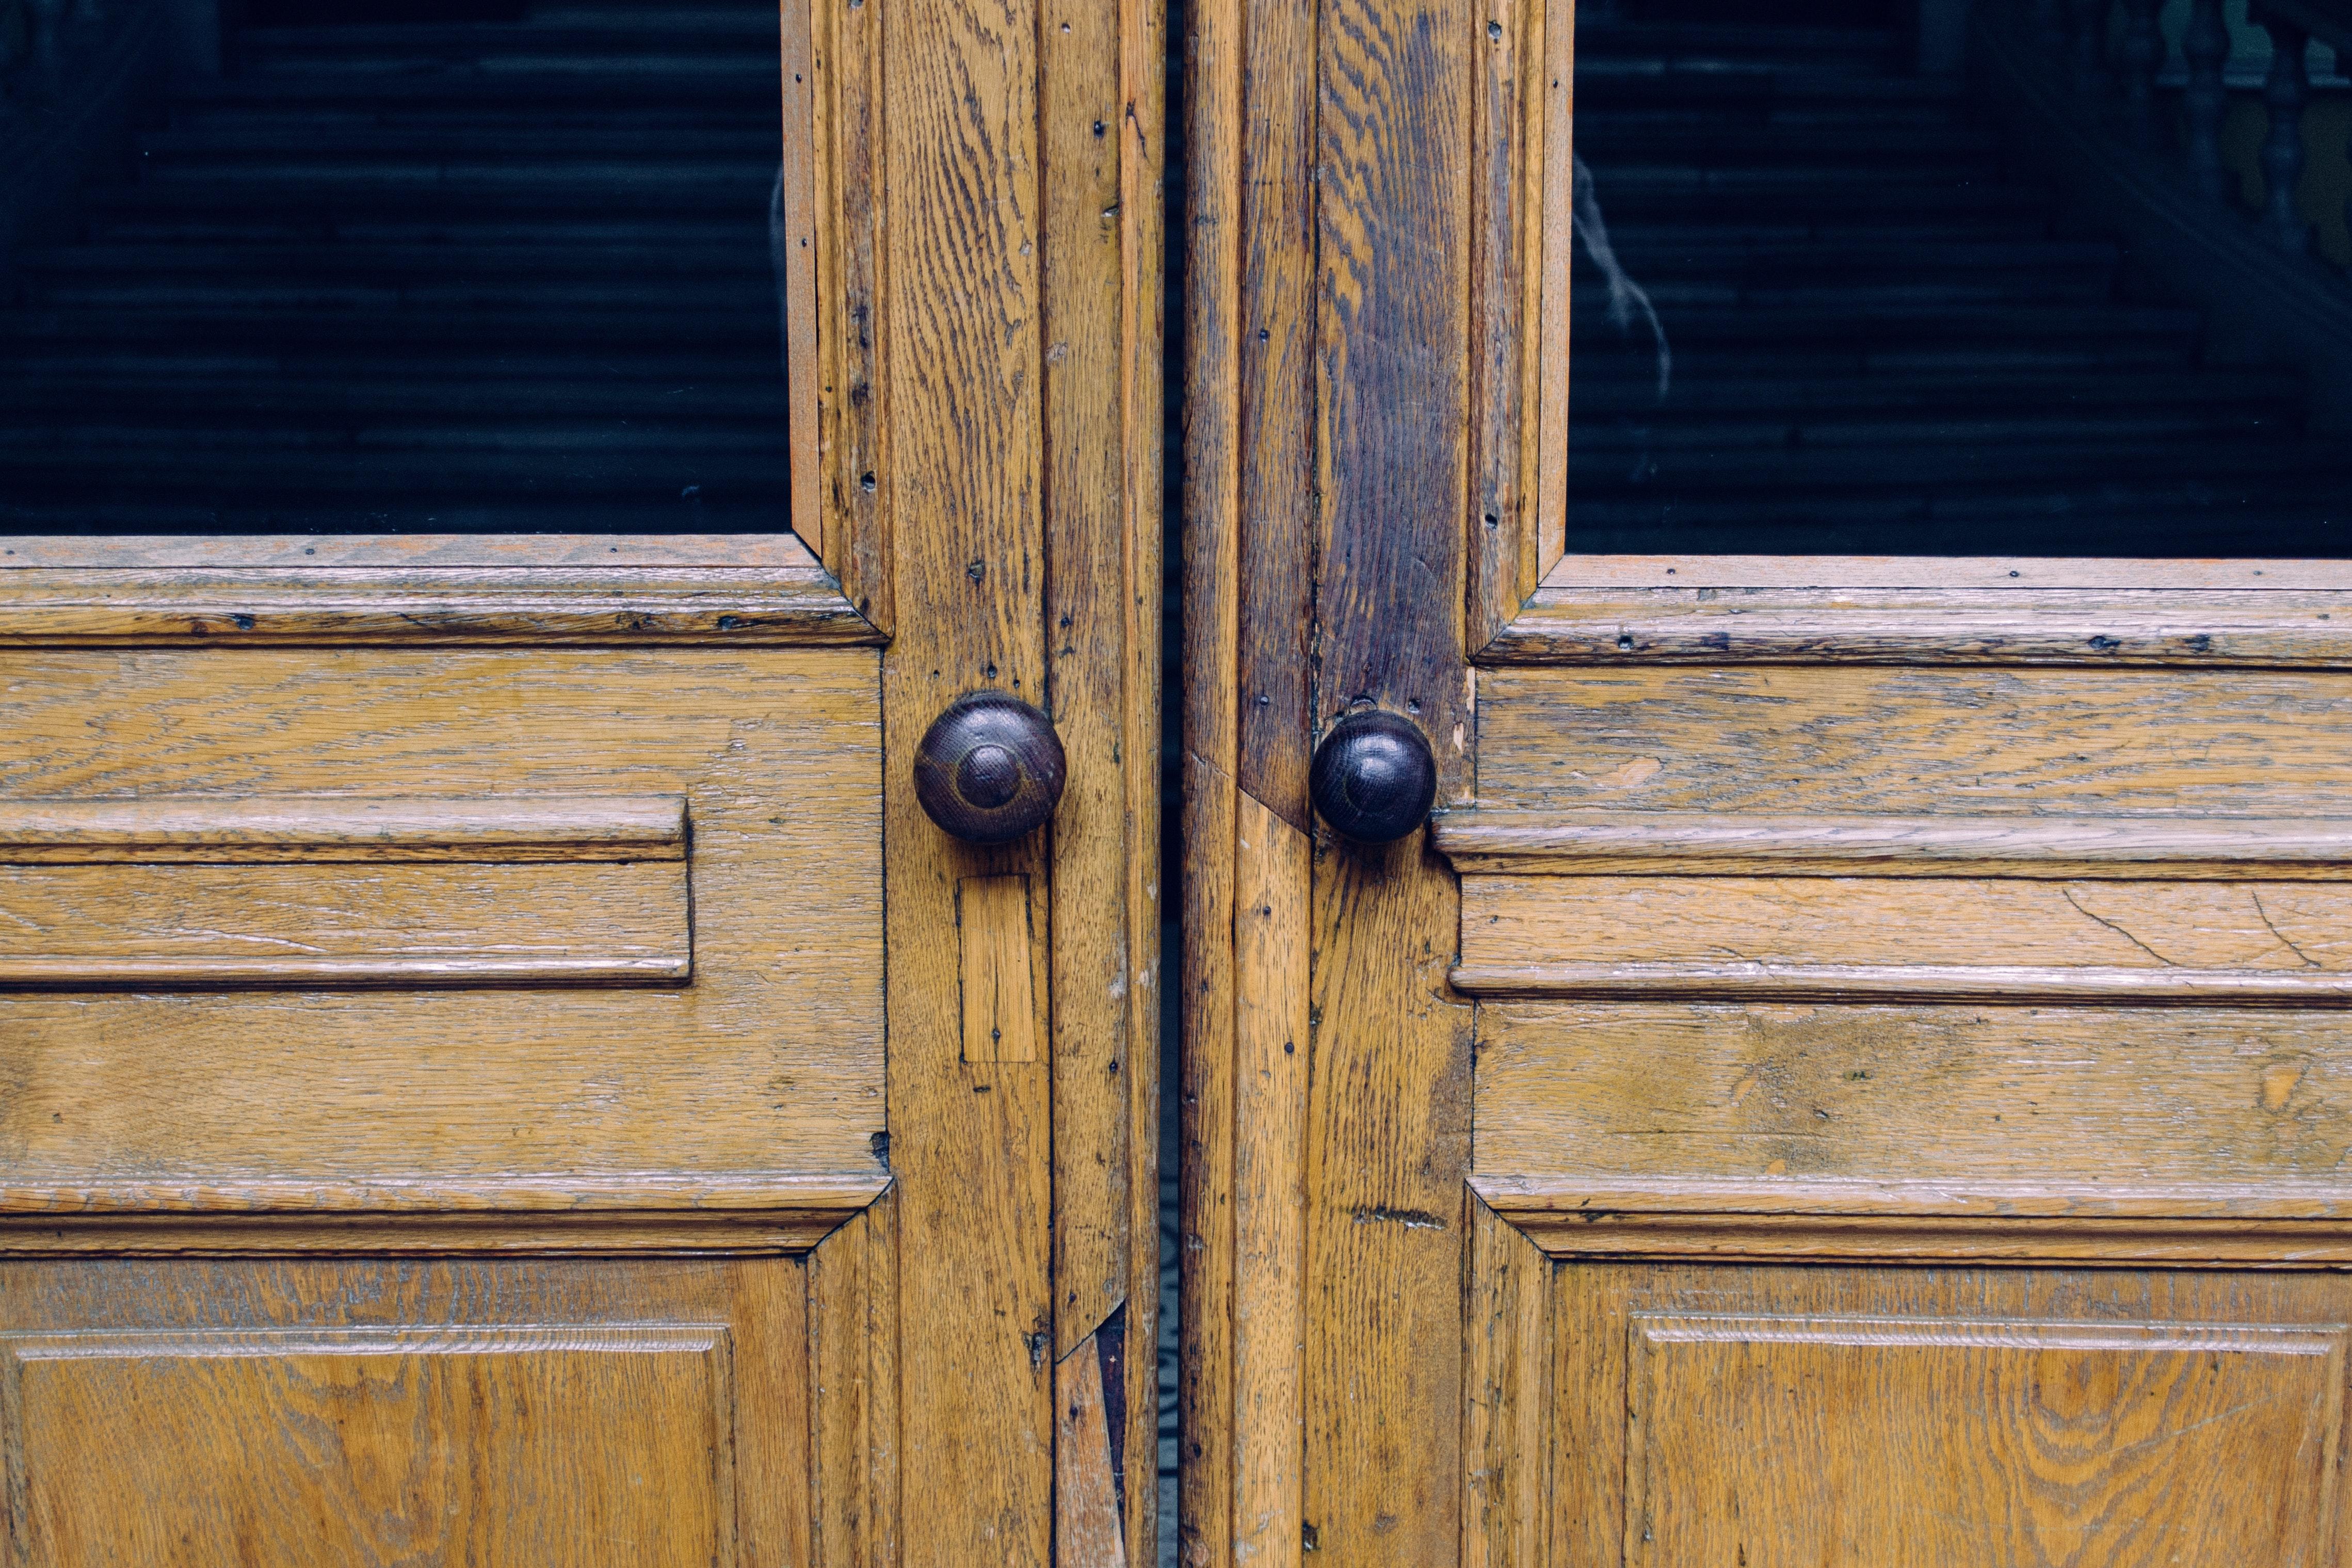 500+ Beautiful Door Knobs Photos · Pexels · Free Stock Photos